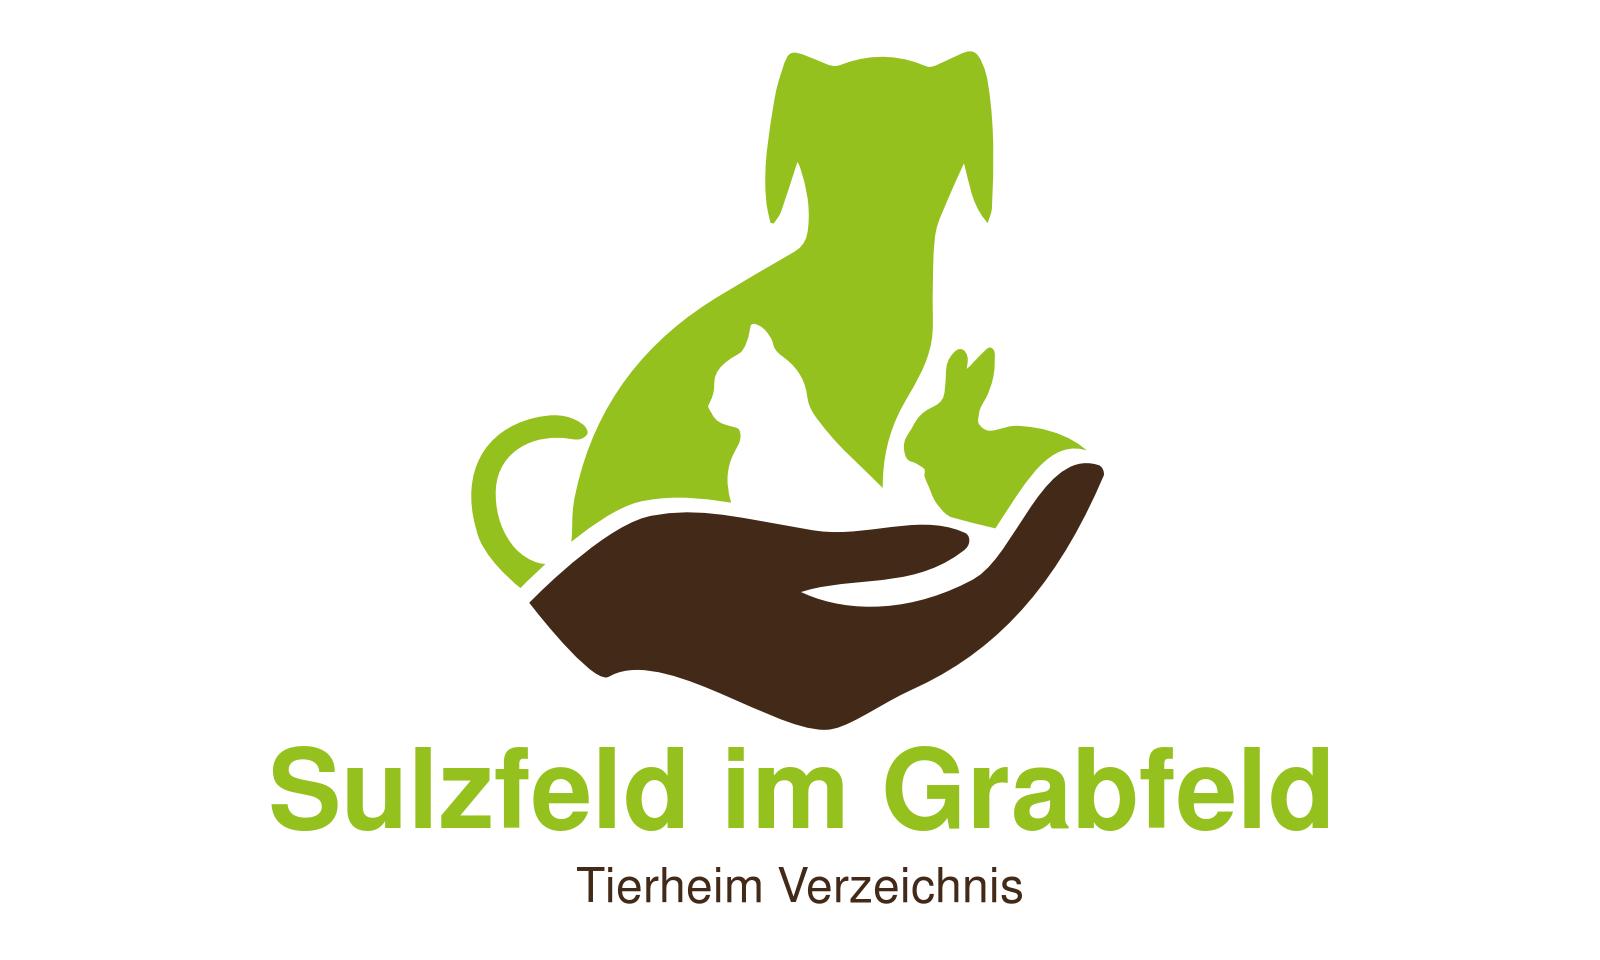 Tierheim Sulzfeld im Grabfeld